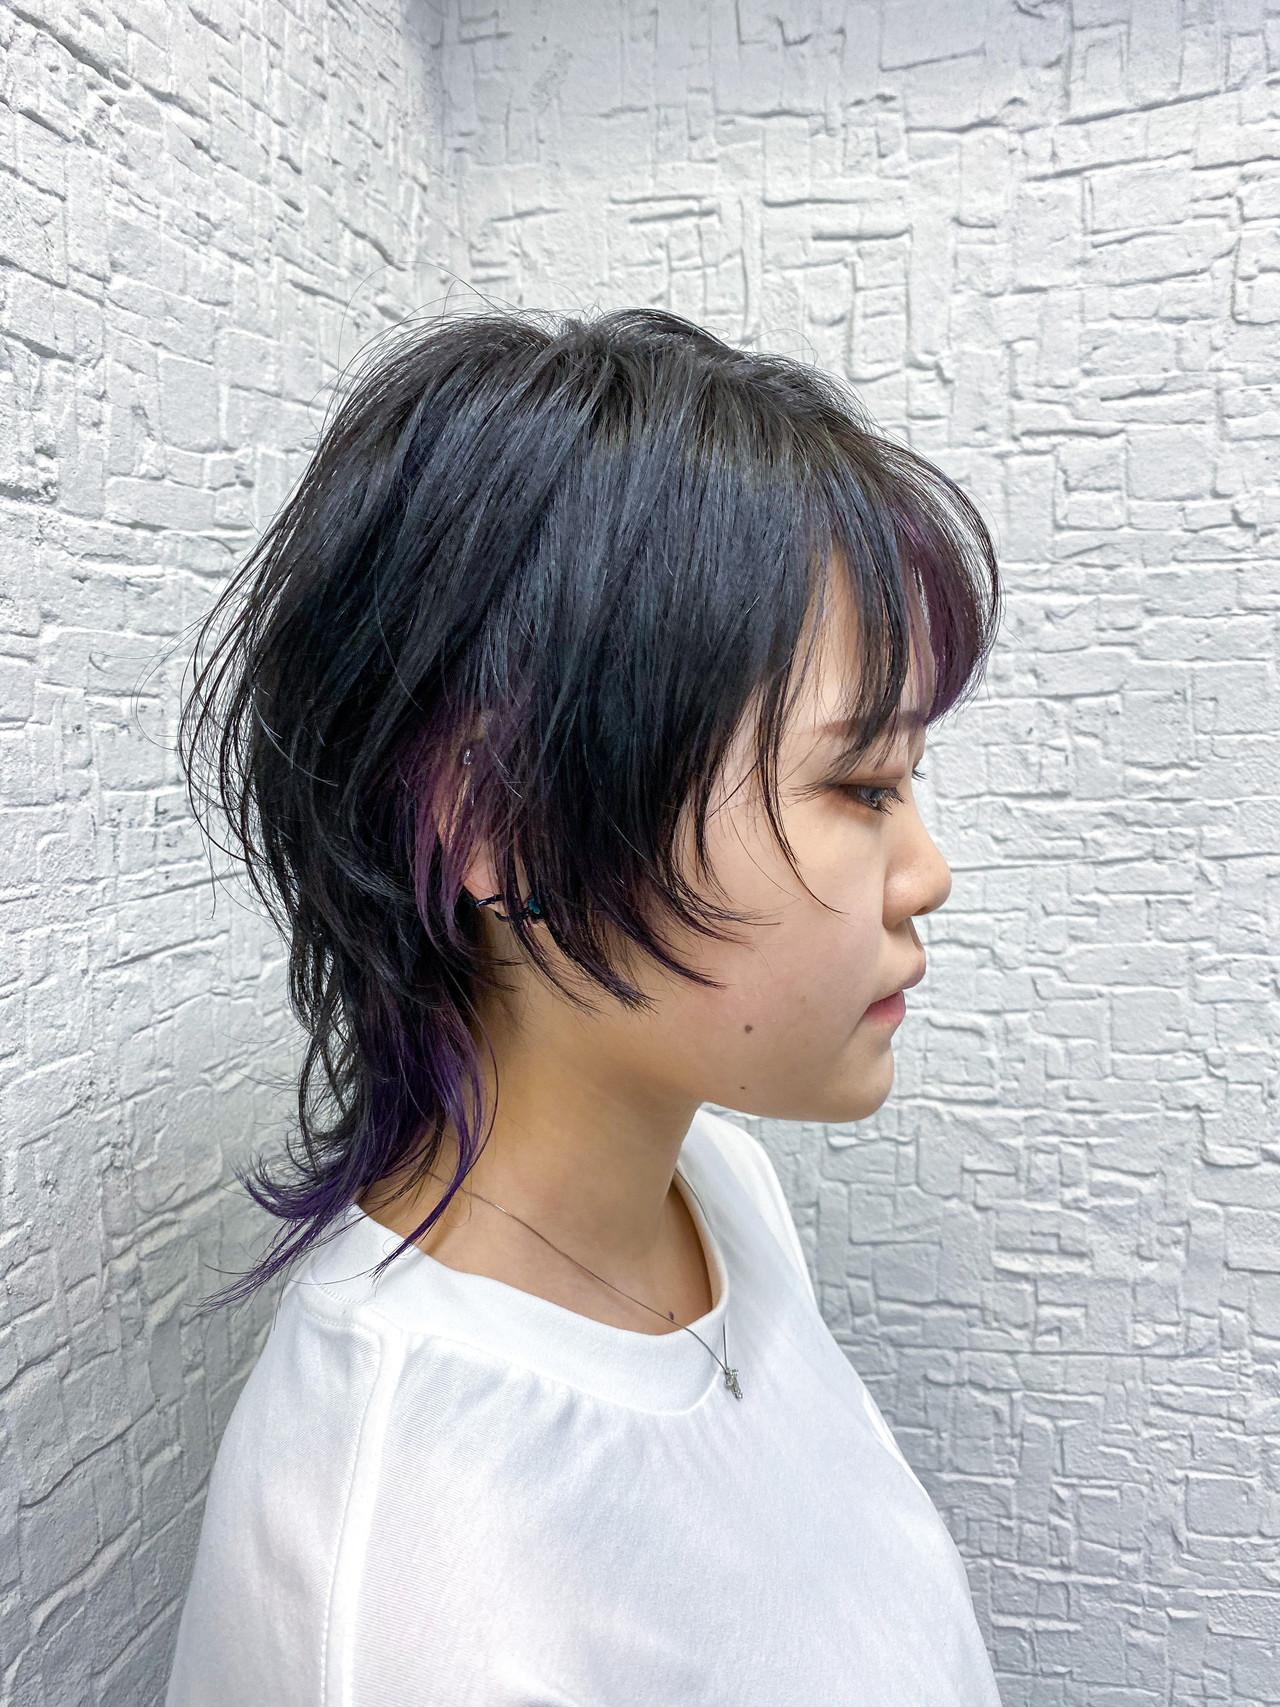 ミディアム マッシュウルフ ウルフ女子 ネオウルフ ヘアスタイルや髪型の写真・画像